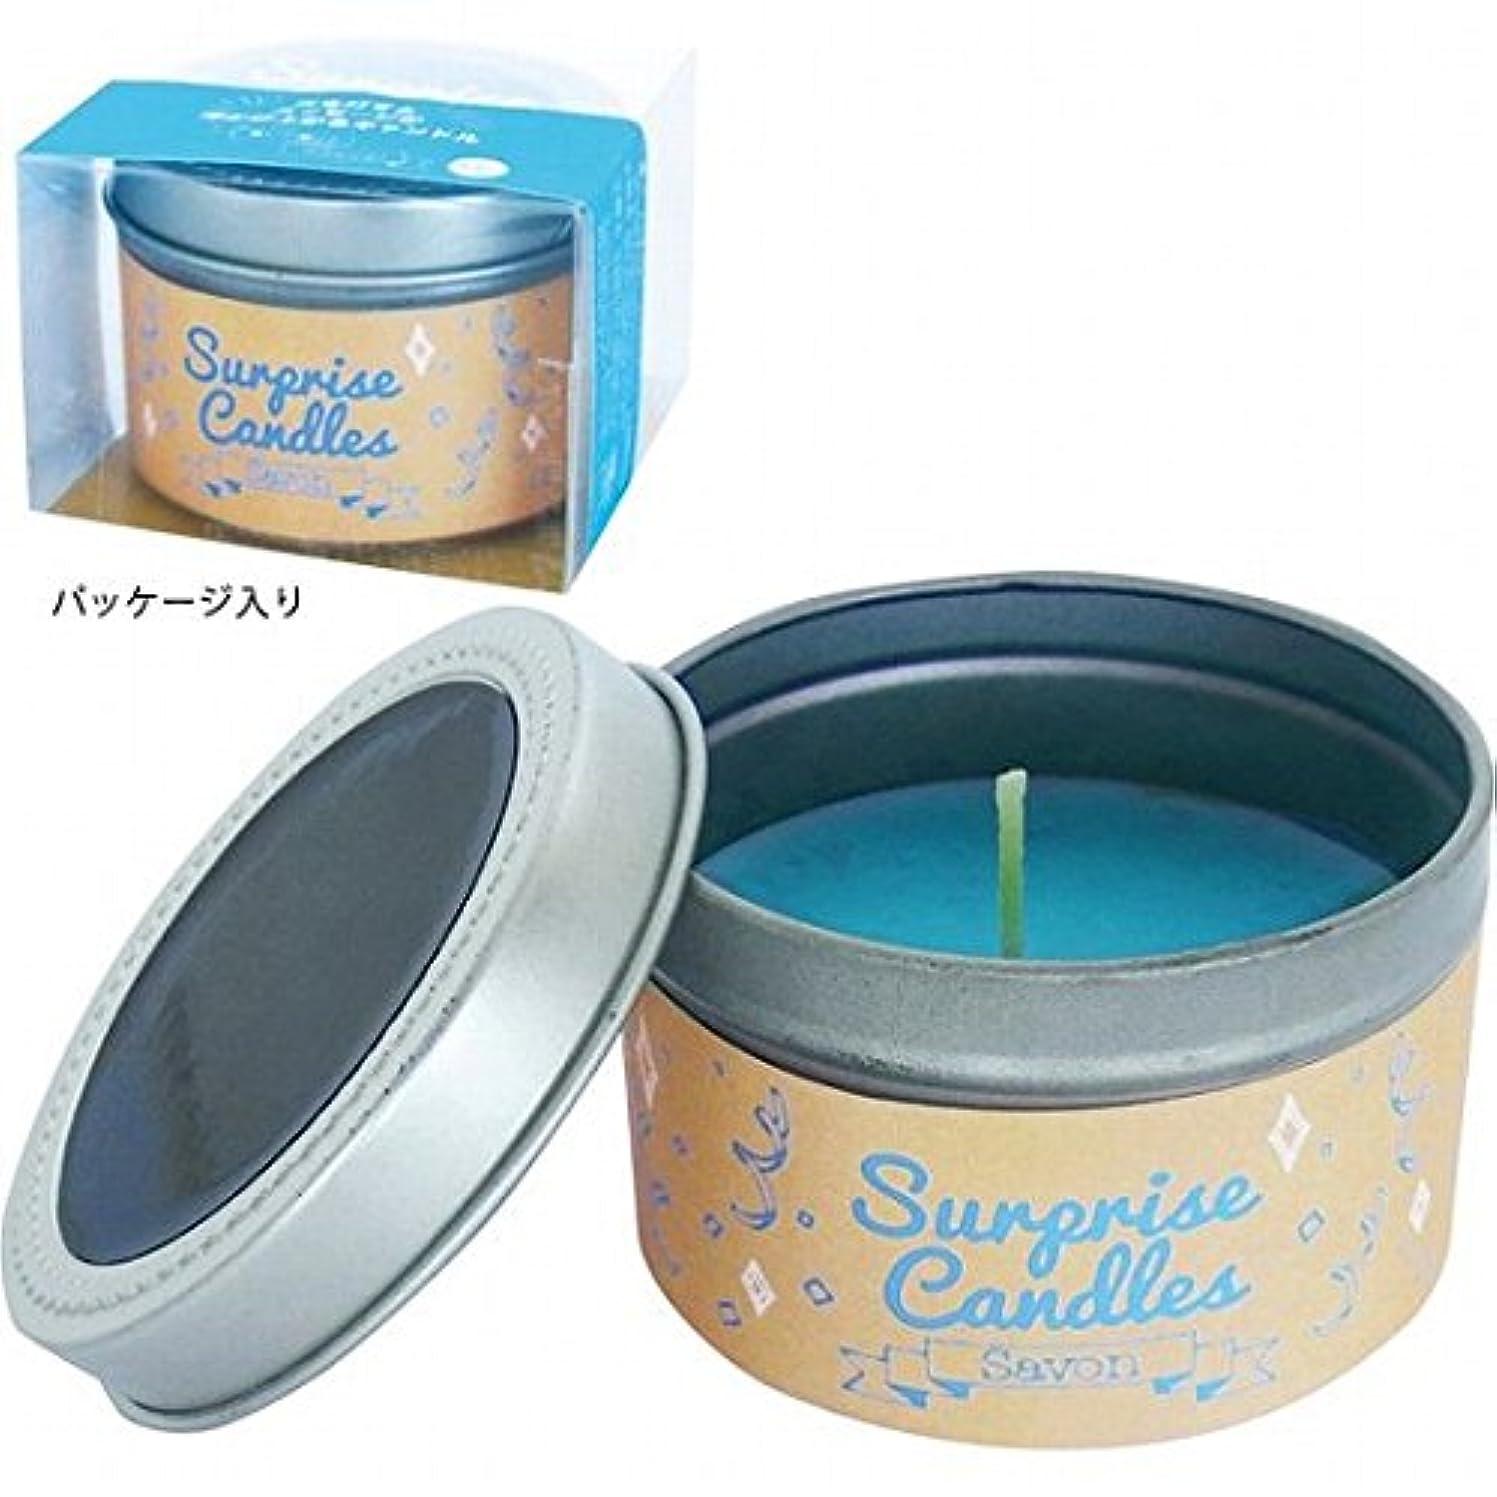 有能な呼吸するスパイラルkameyama candle(カメヤマキャンドル) サプライズキャンドル 「サボン」(A207005030)